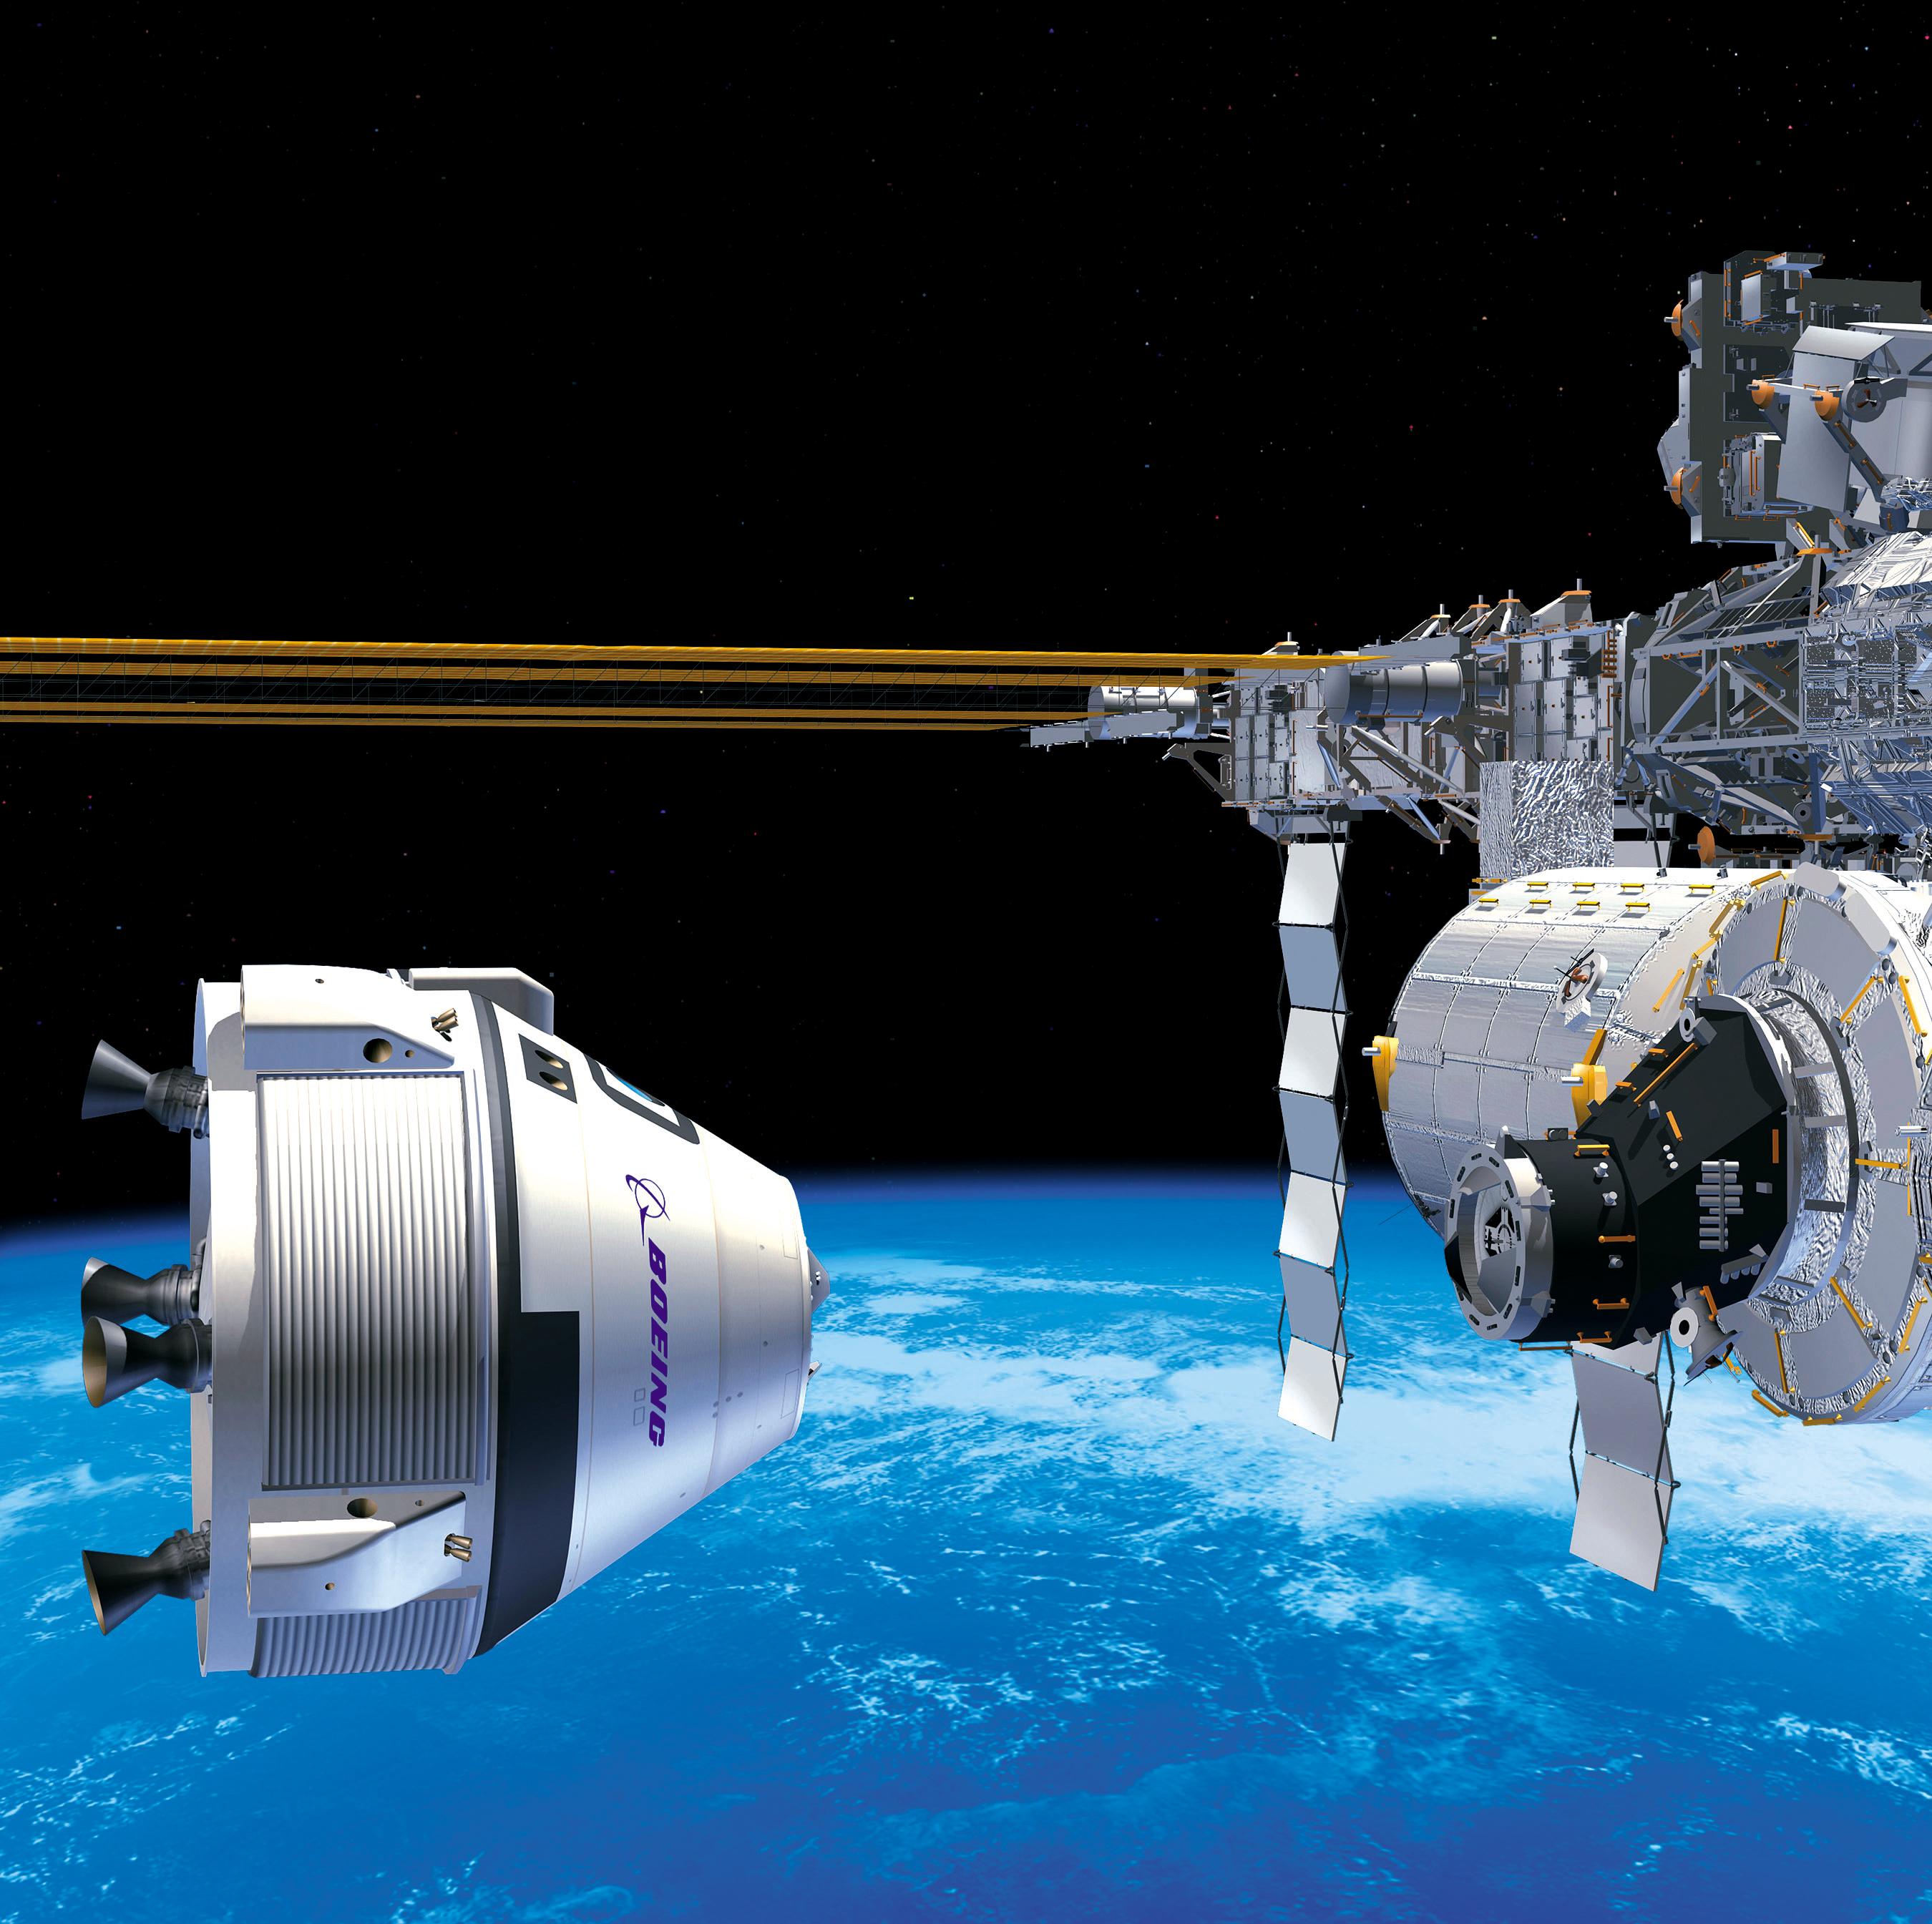 La nueva exploración del espacio